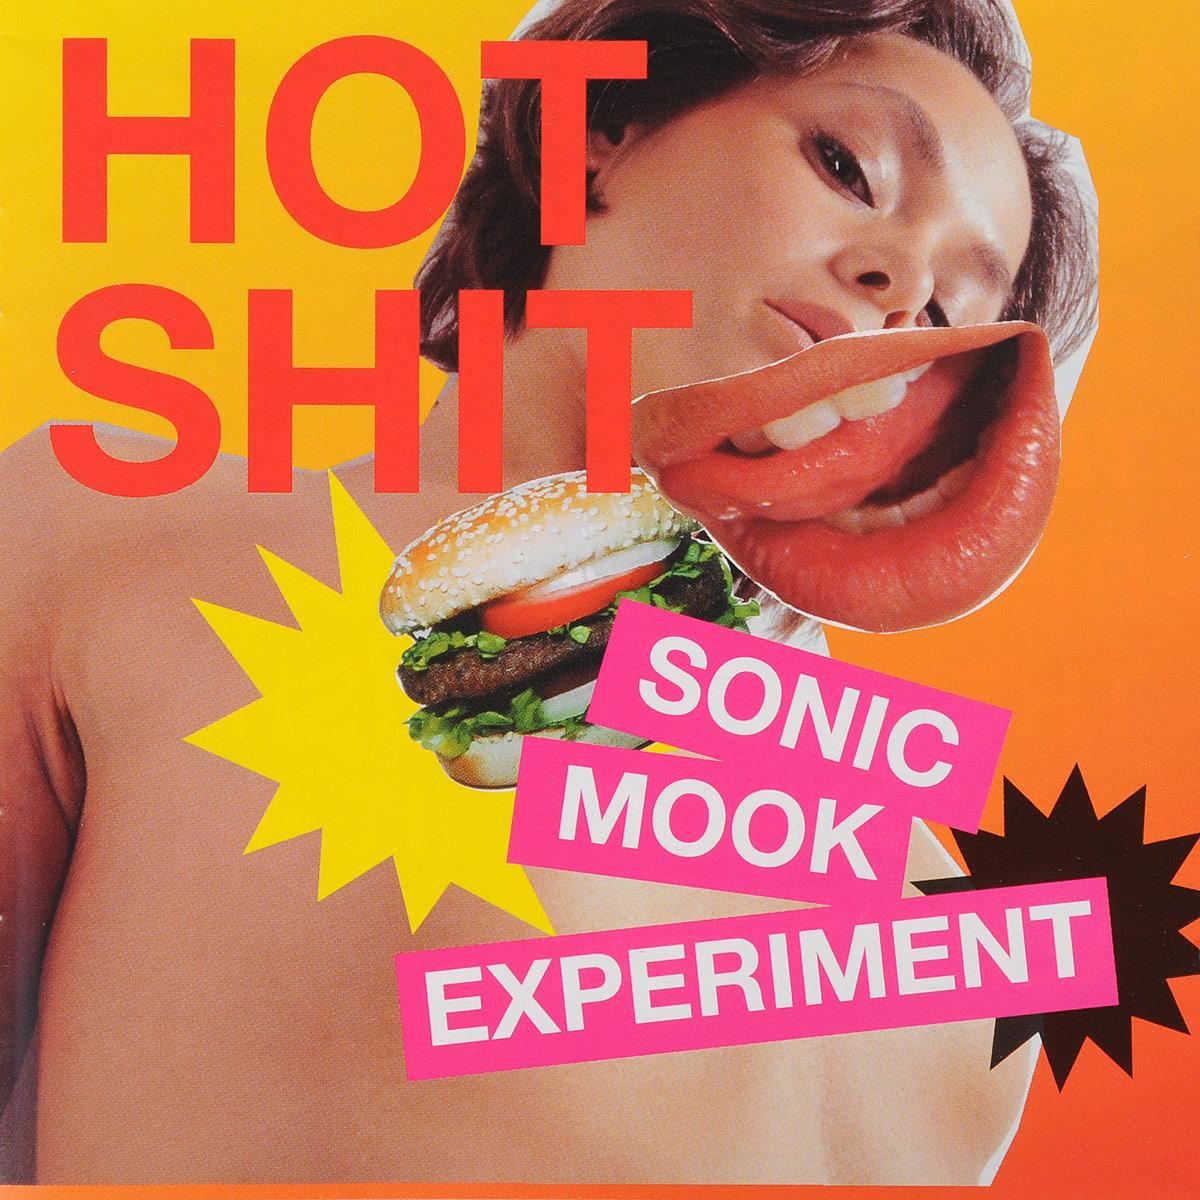 Sonic Mook 3. Hot Shit почтовый блок а ф керенский из серии 100 летняя годовщина октябрьской революции бенин 2017 год